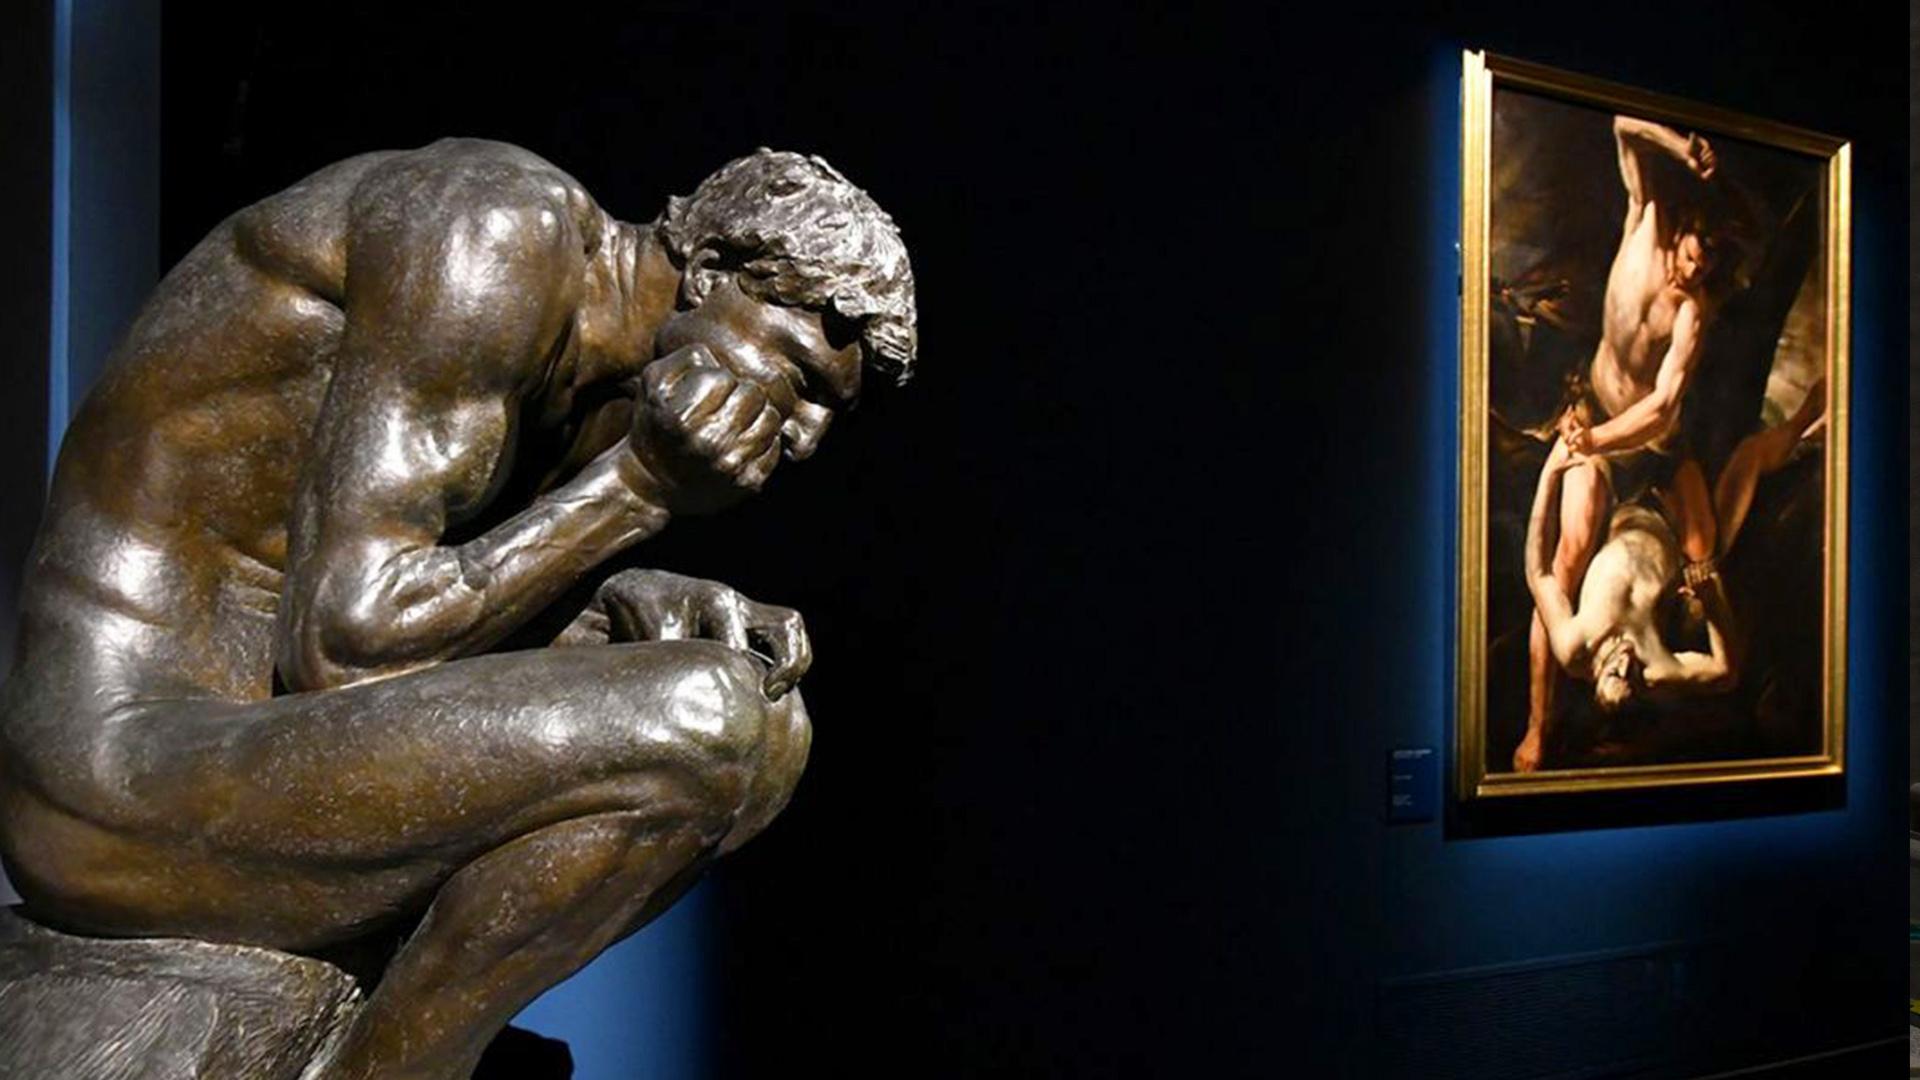 Dante 700: a Forlì la mostra che celebra la visione di Dante nell'arte